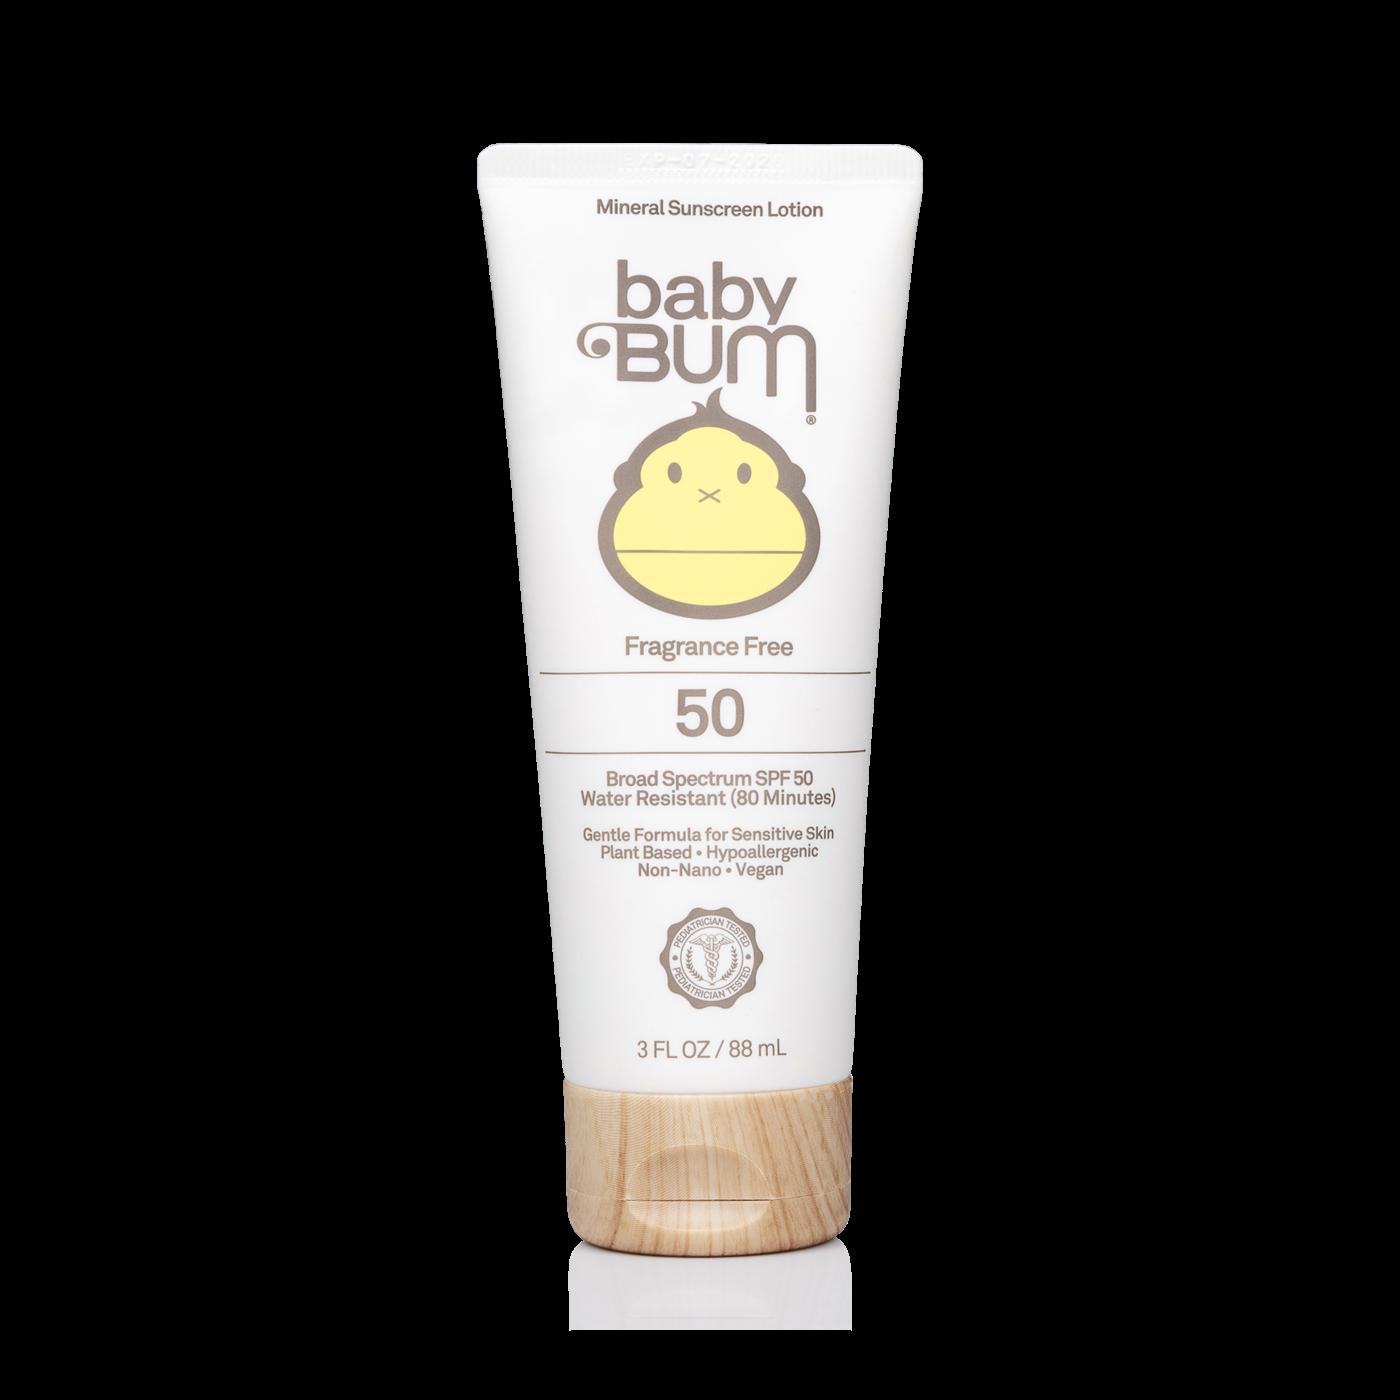 BABY BUM 50 SPF